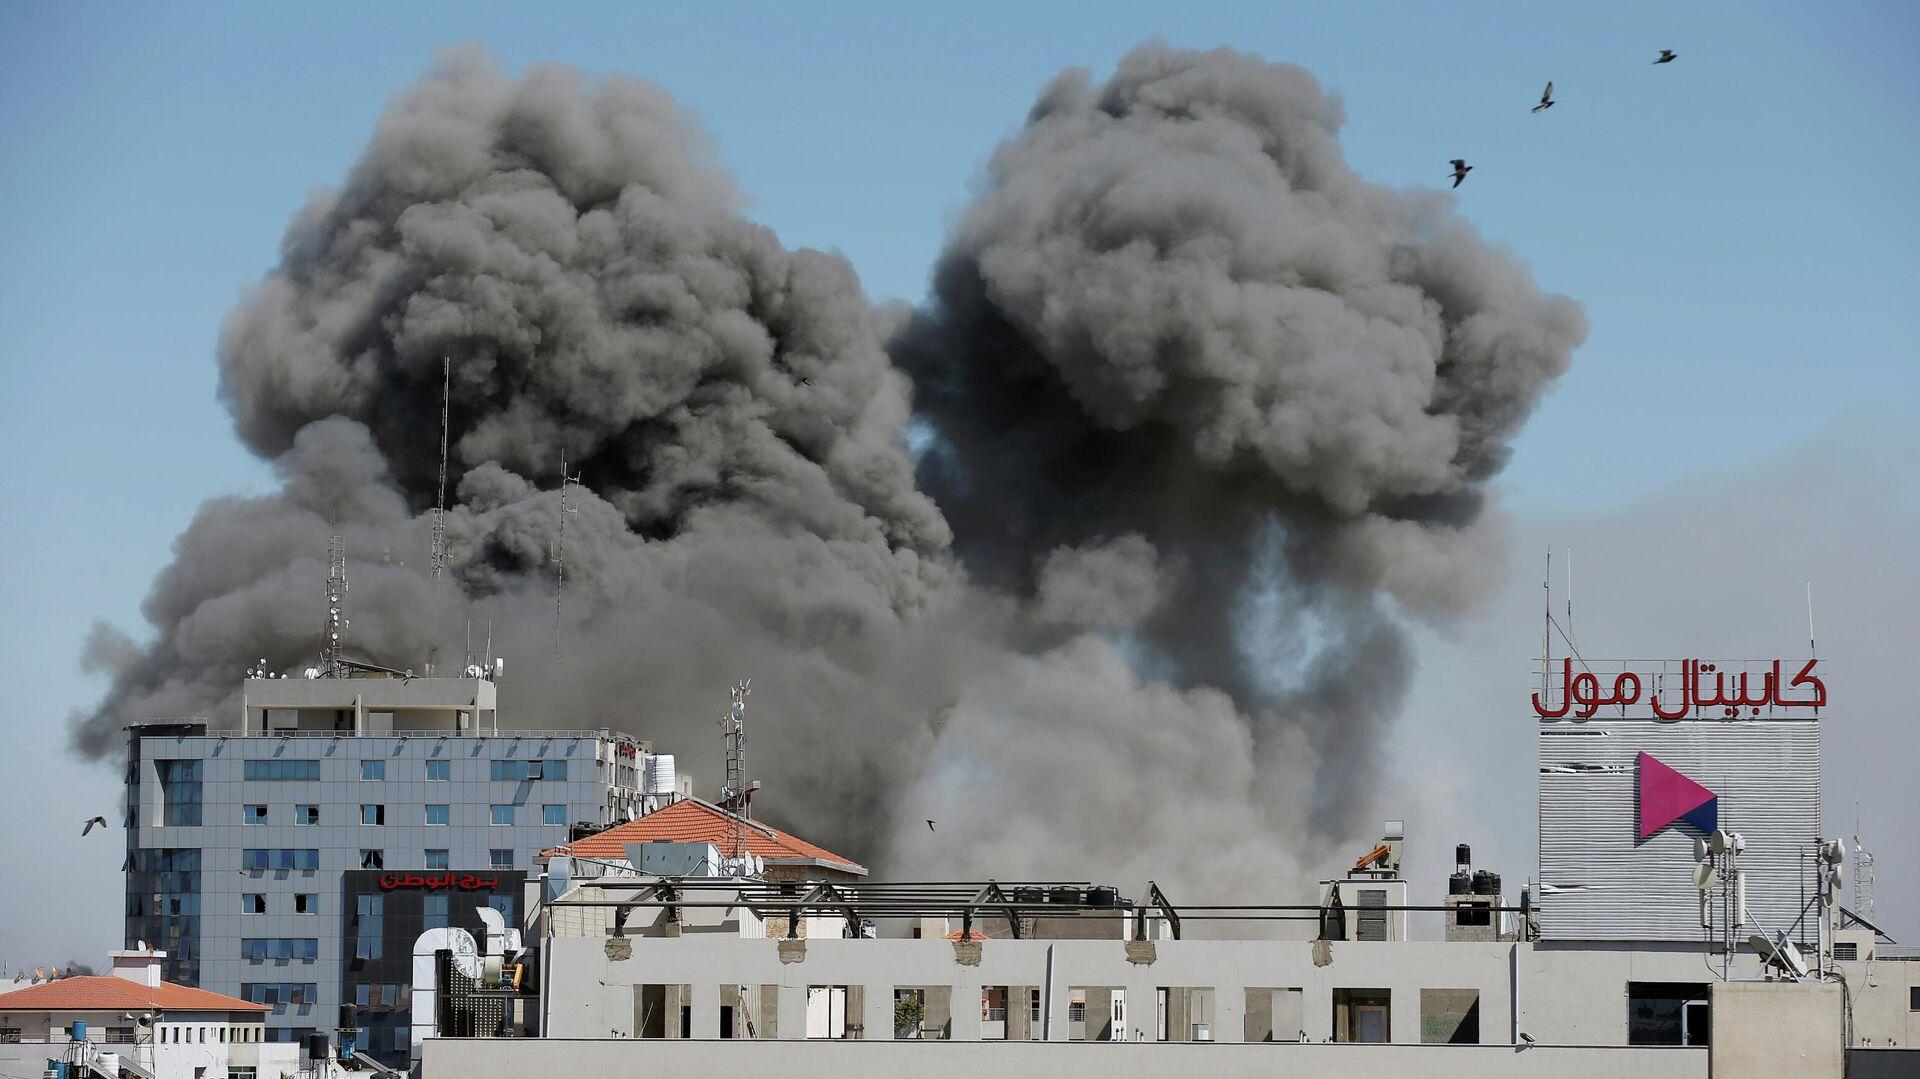 Дым от израильского авиаудара по Газе. 15 мая 2021 - РИА Новости, 1920, 15.05.2021